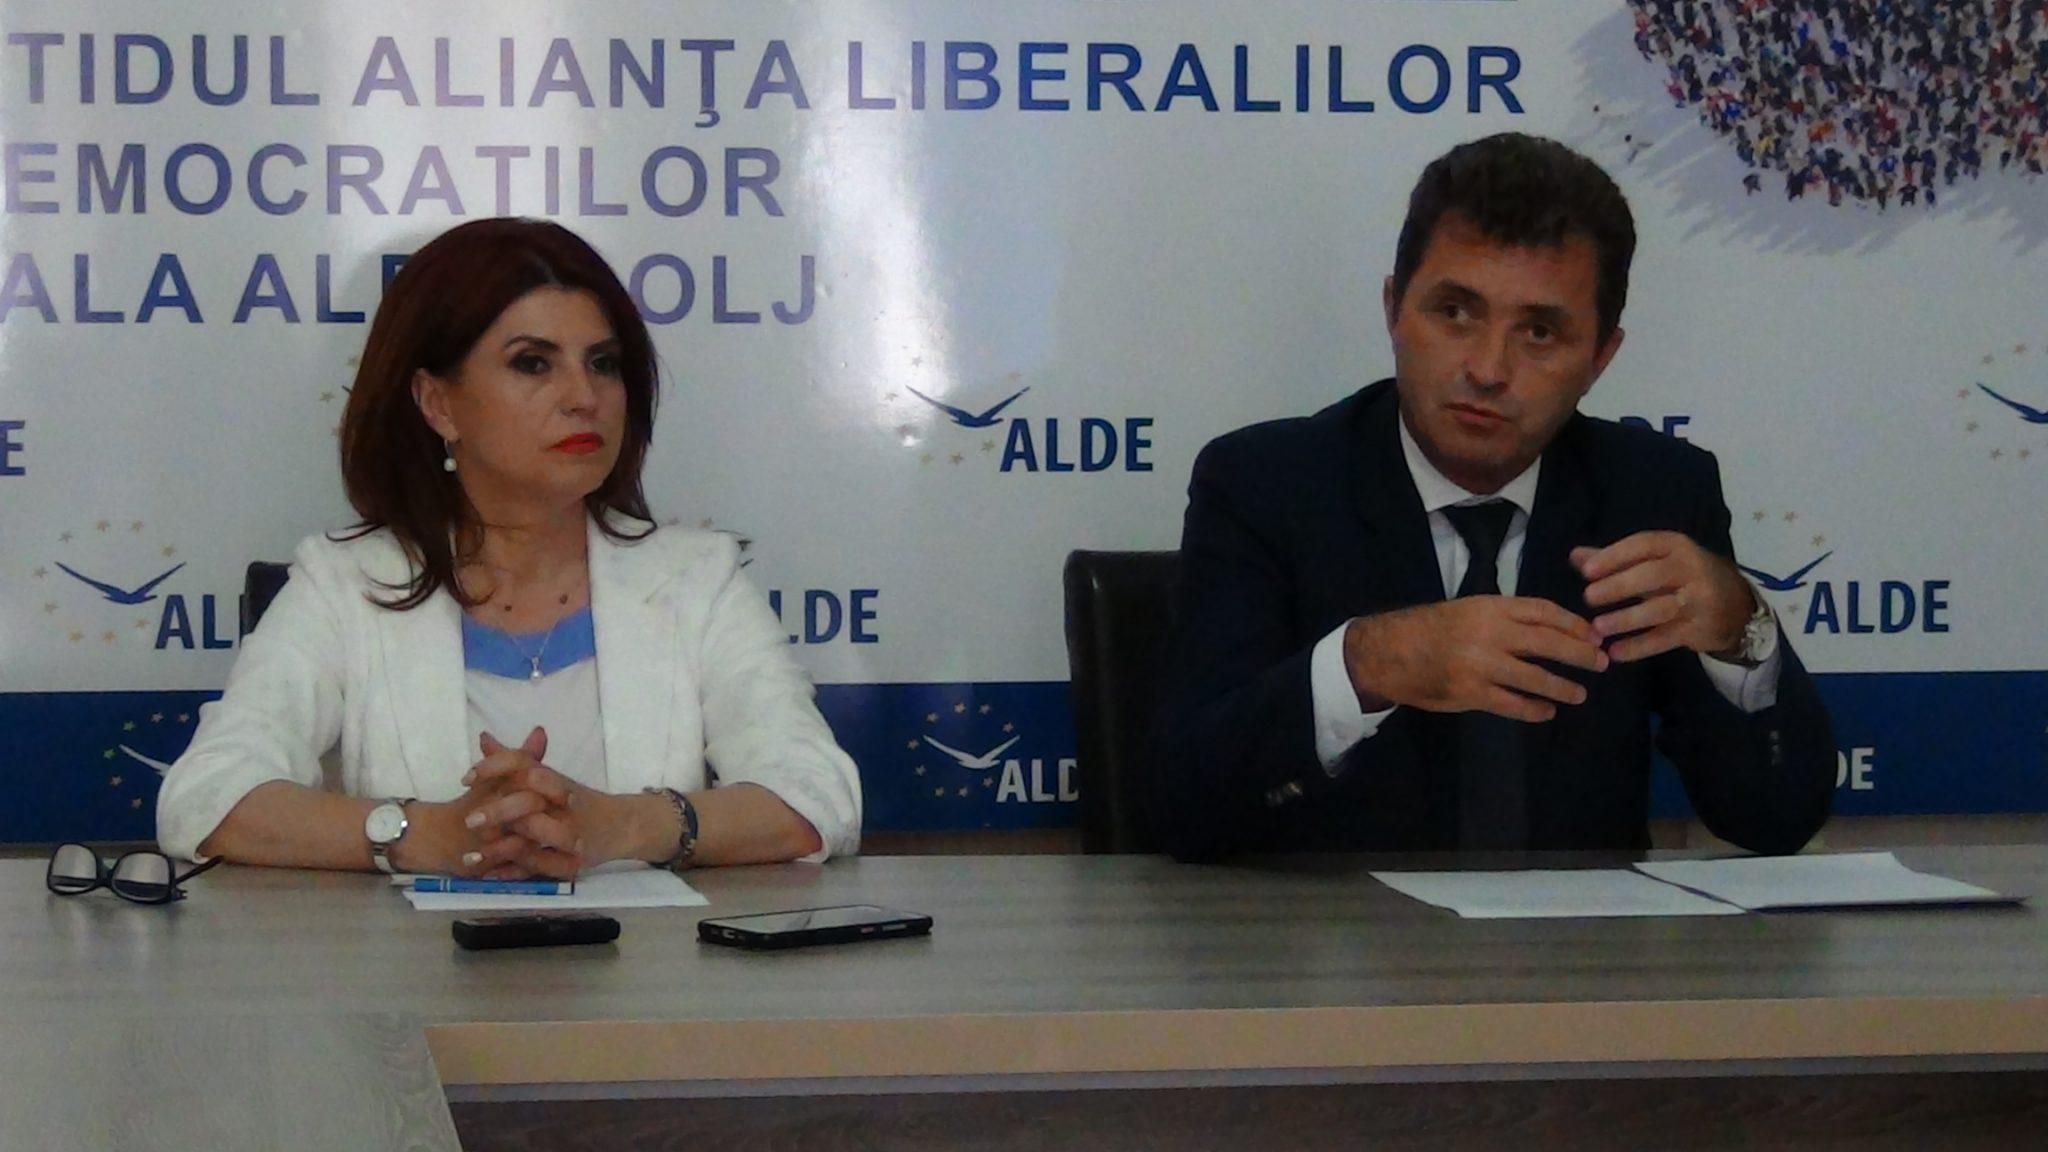 Ion Cupă: În 2020 vom fi principala forță politică liberală din Dolj